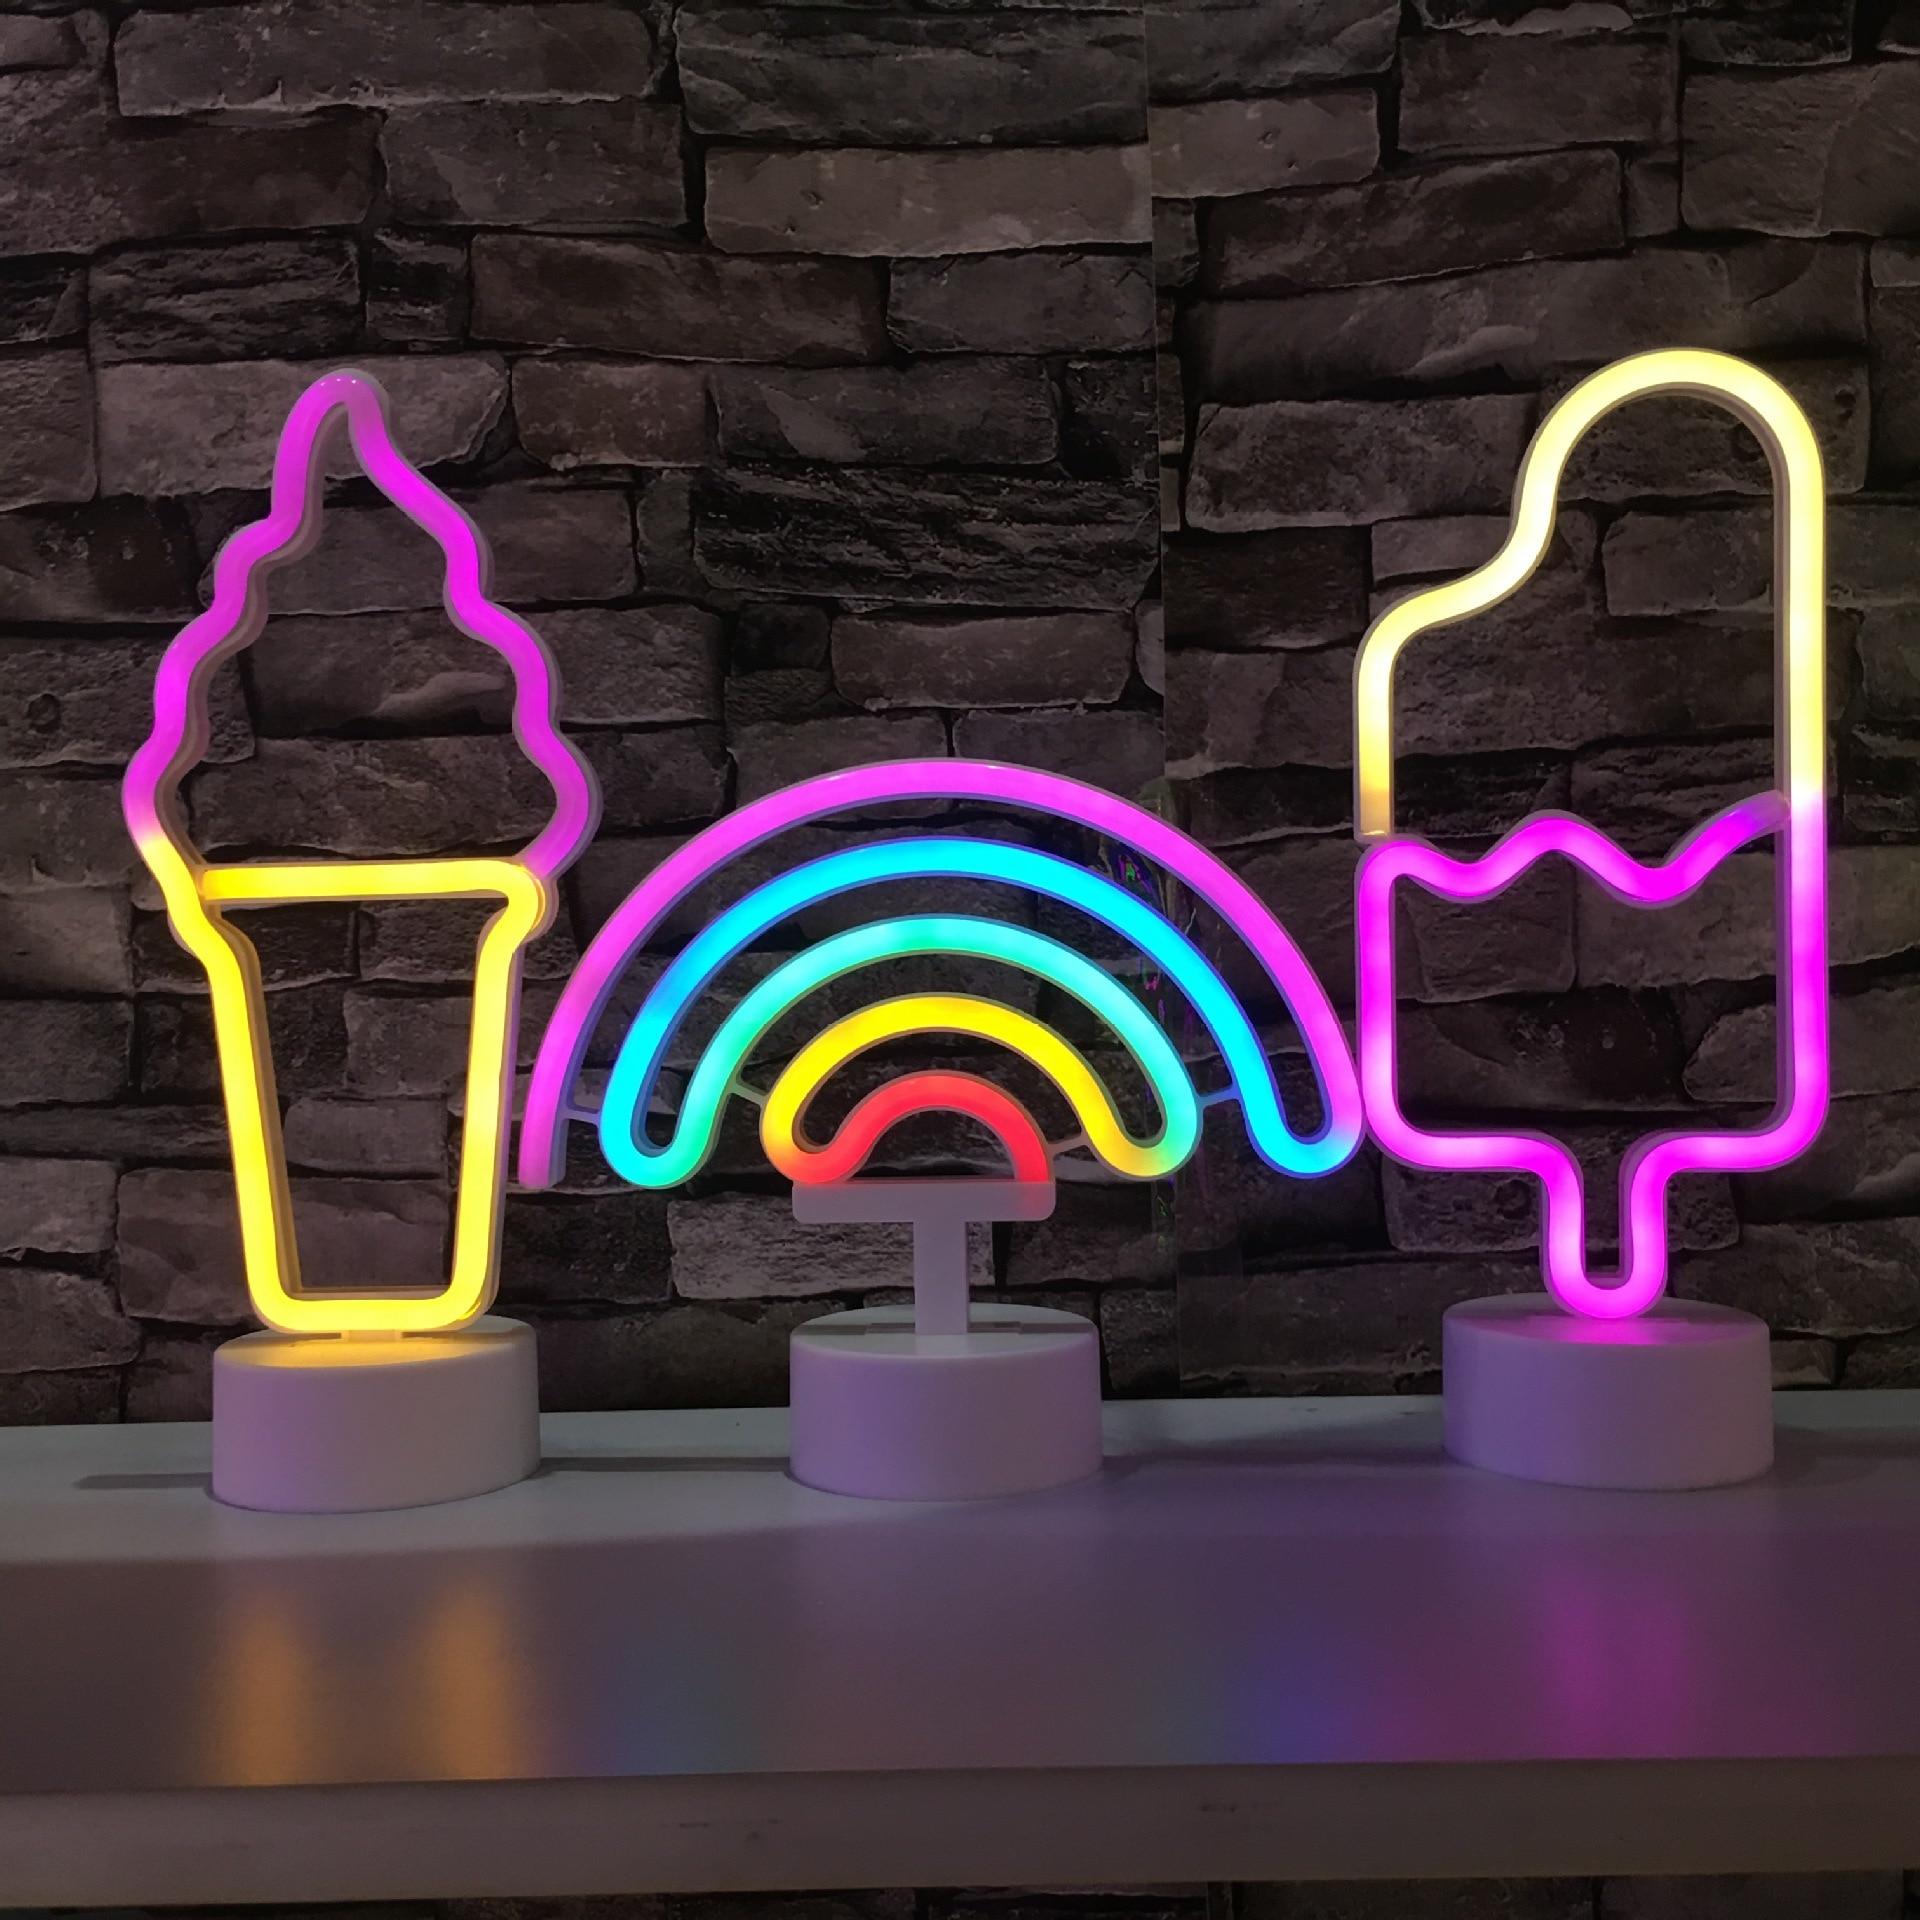 LED Neon eis Form Nachtlicht Weihnachten Party Hochzeit Cecoration Hause Geschenke AA Batterie Betrieben Neon Lampe